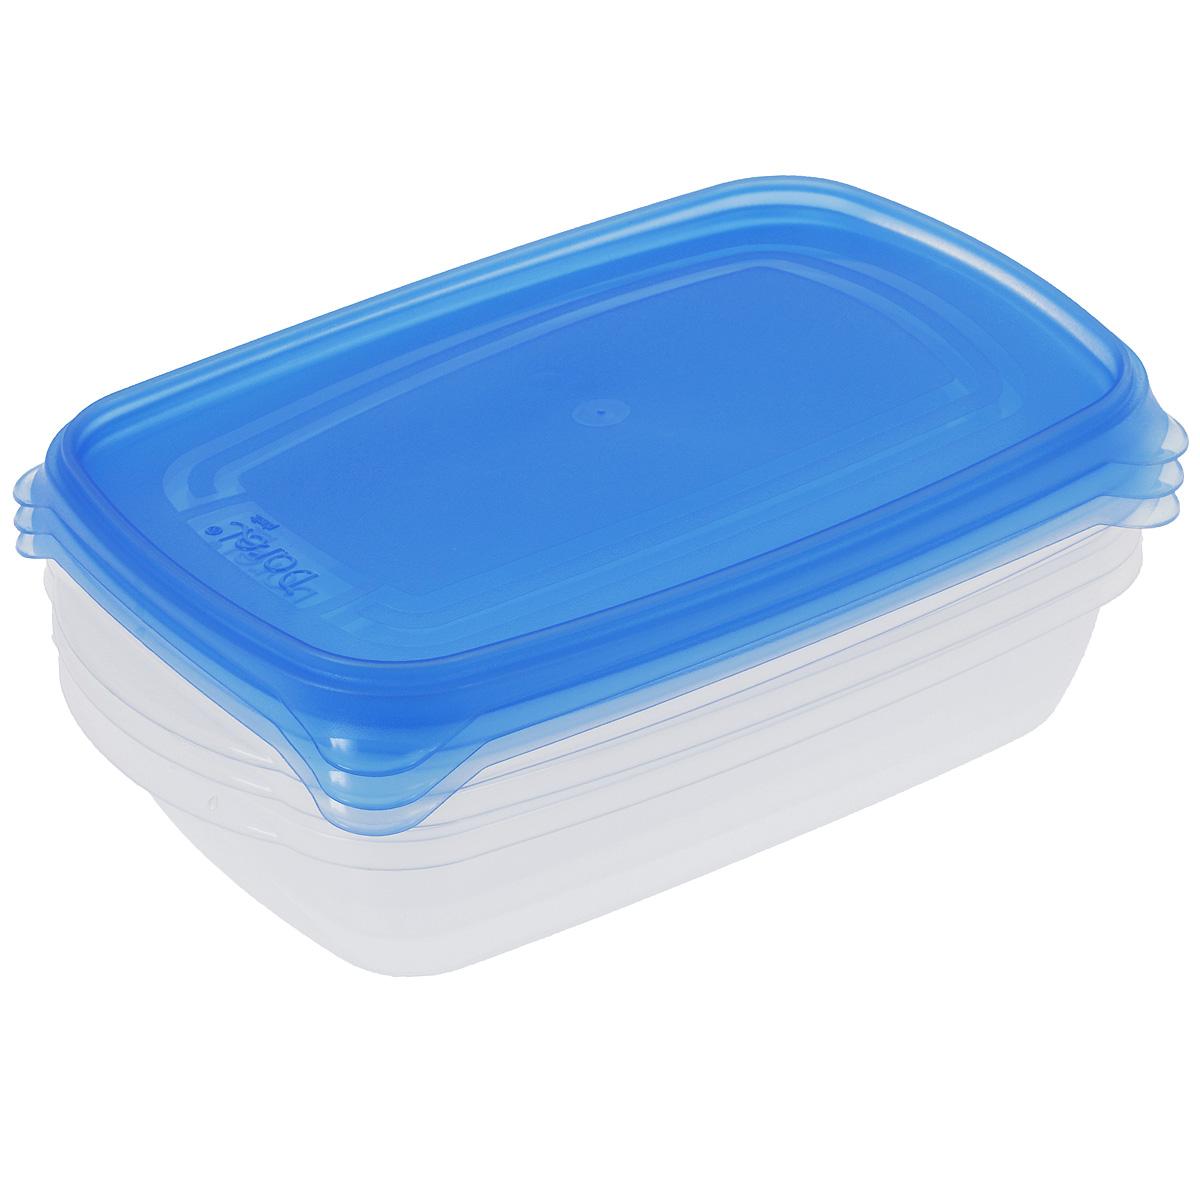 Набор контейнеров Darel, цвет: синий, 700 мл, 3 шт40401Набор Darel состоит из трех прямоугольных контейнеров. Изделия выполнены из высококачественного пищевого полипропилена. Крышки легко открываются и плотно закрываются с помощью легкого щелчка.Подходят для хранения и транспортировки пищи. Складываются друг в друга, что экономит пространство при хранении в шкафу. Контейнеры подходят для использования в микроволновой печи без крышки, а также для заморозки в морозильной камере. Можно мыть в посудомоечной машине.